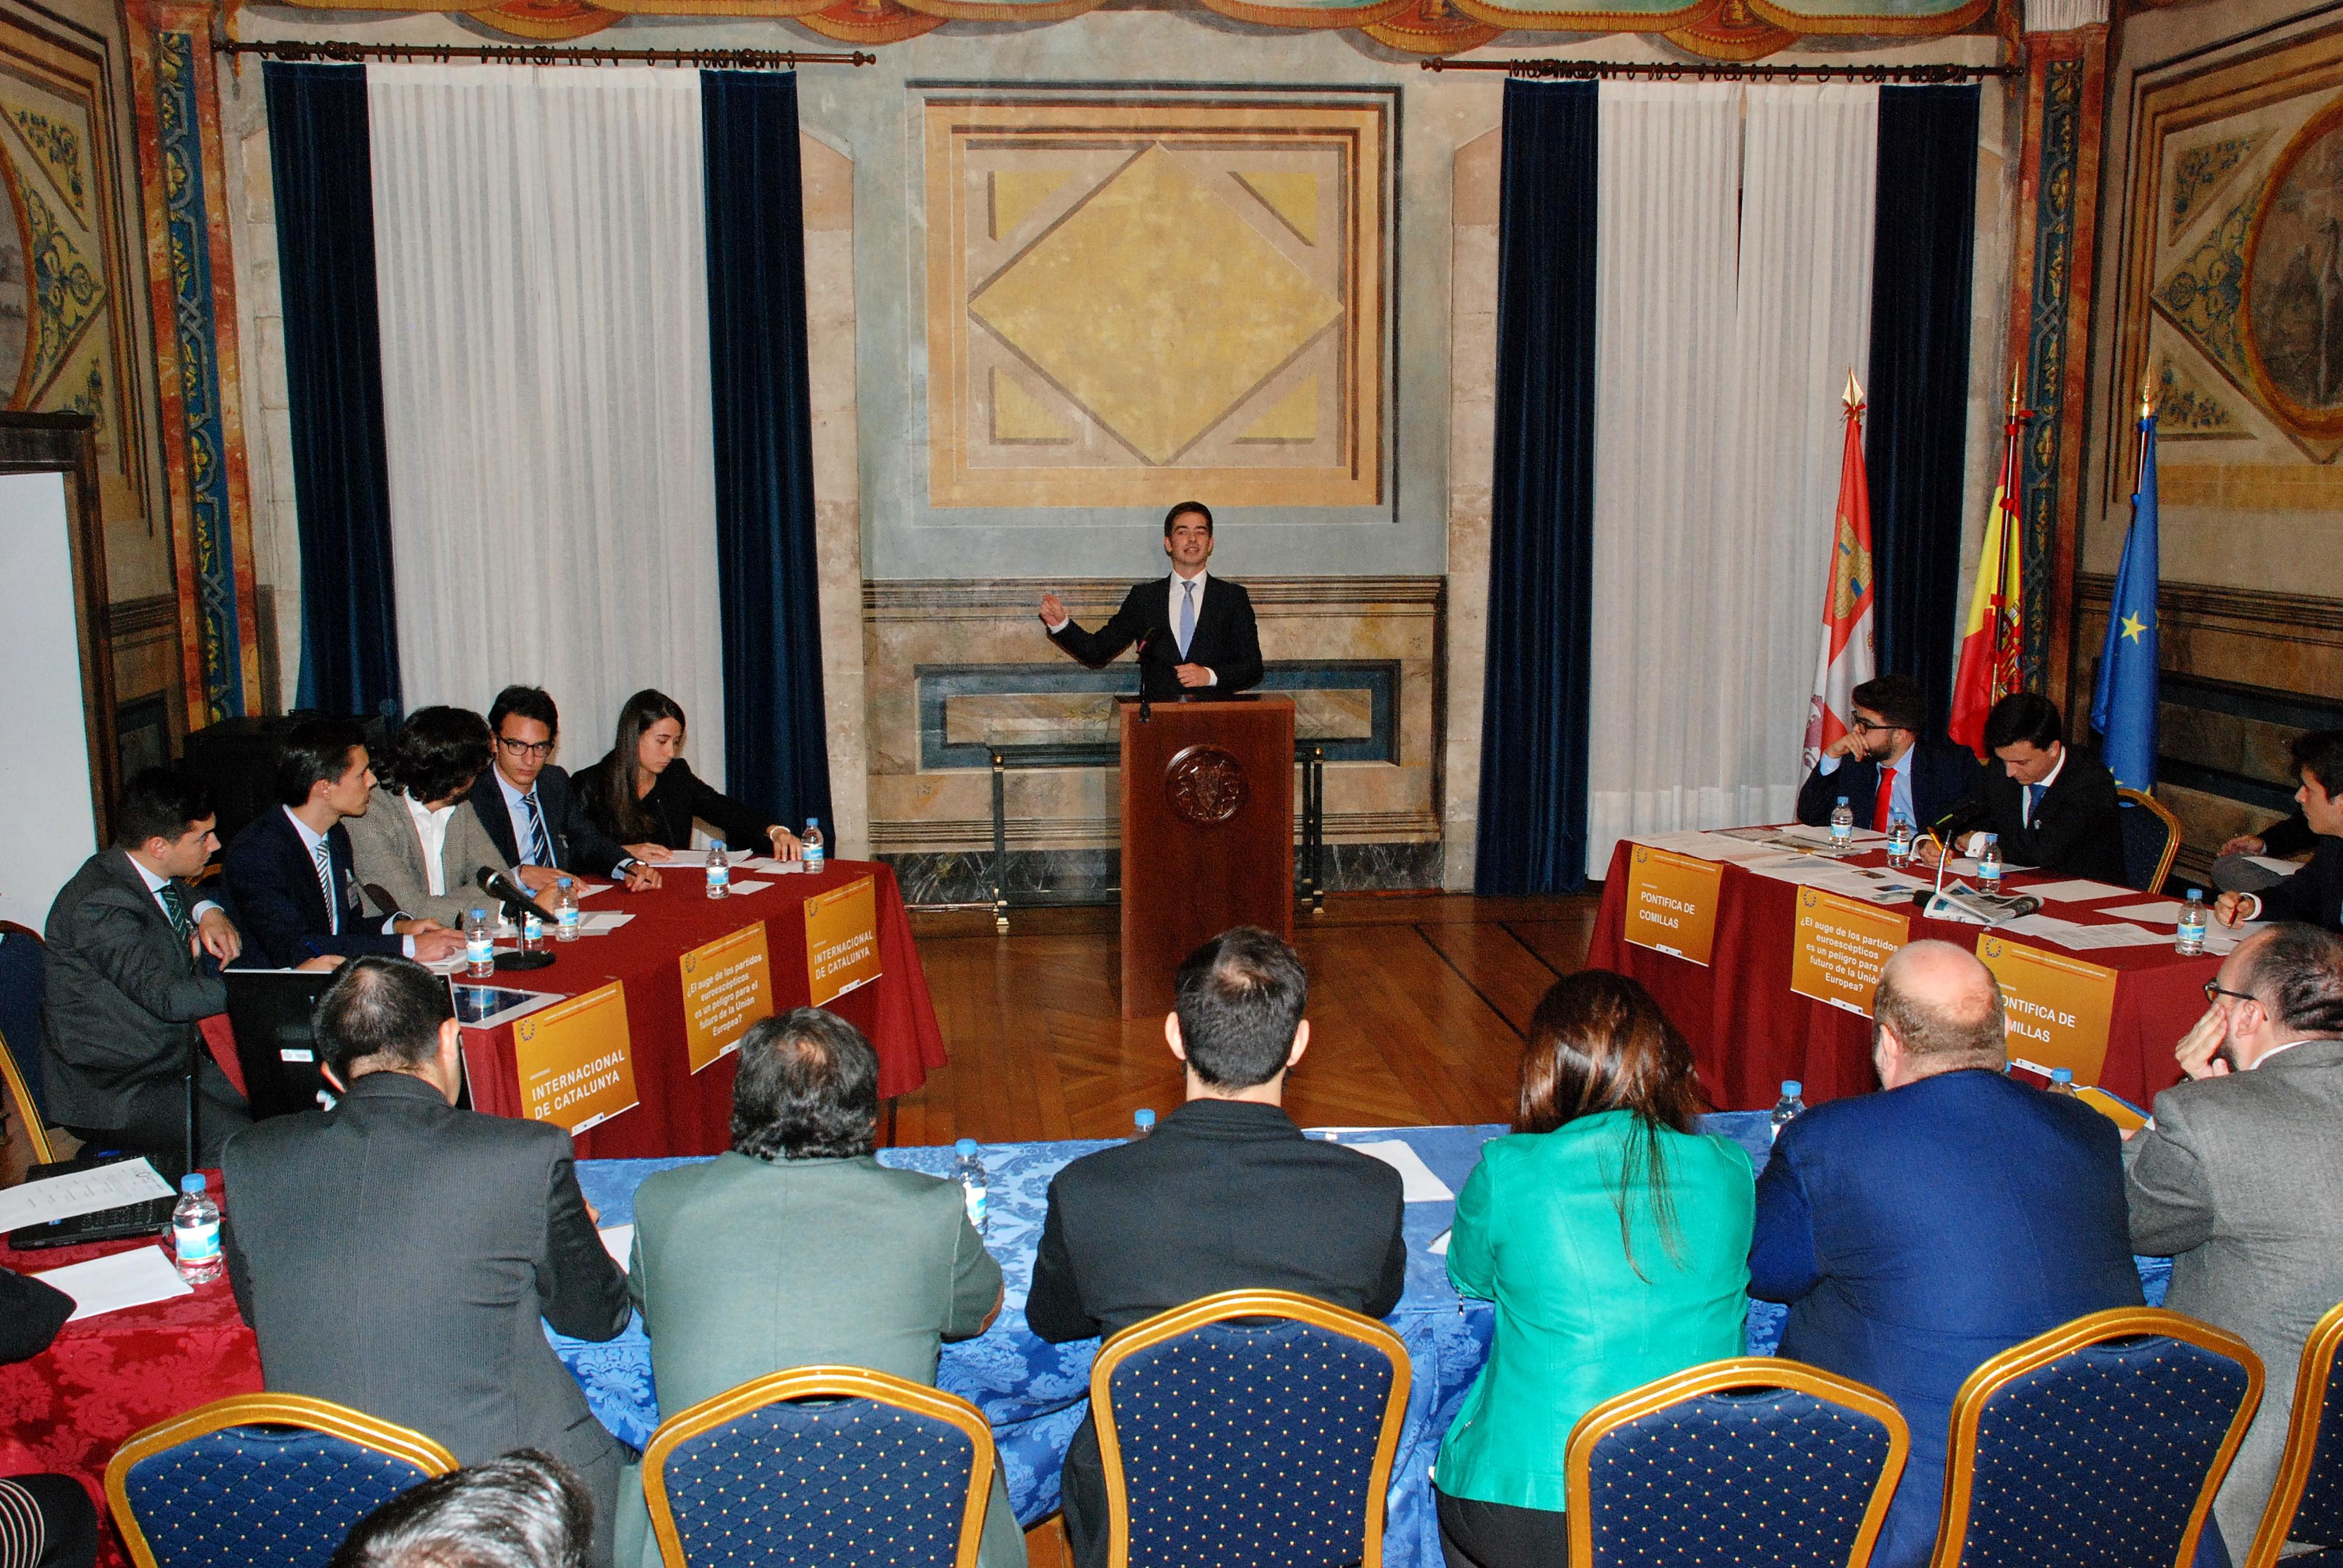 El equipo de la Universidad Internacional de Cataluña, vencedor en el II Encuentro Universitario de Debate sobre el Futuro de la Unión Europea